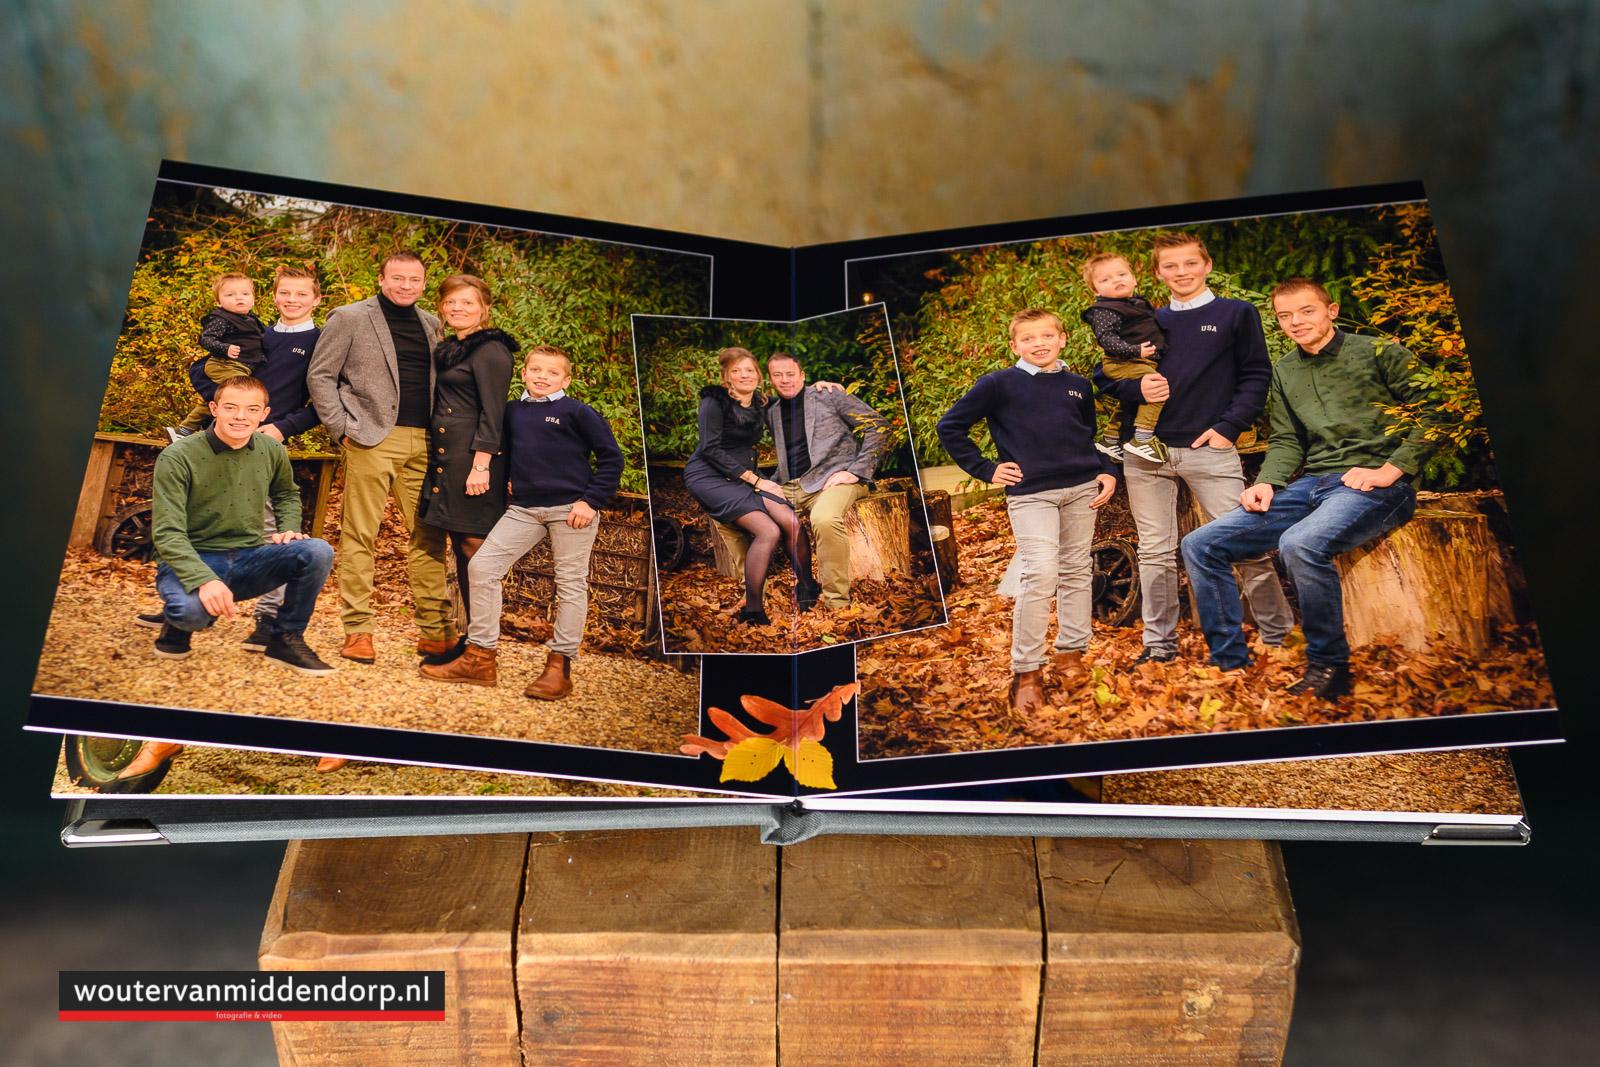 fotoboek groepsfoto fotograaf familiefoto Wouter van Middendorp Uddel-14